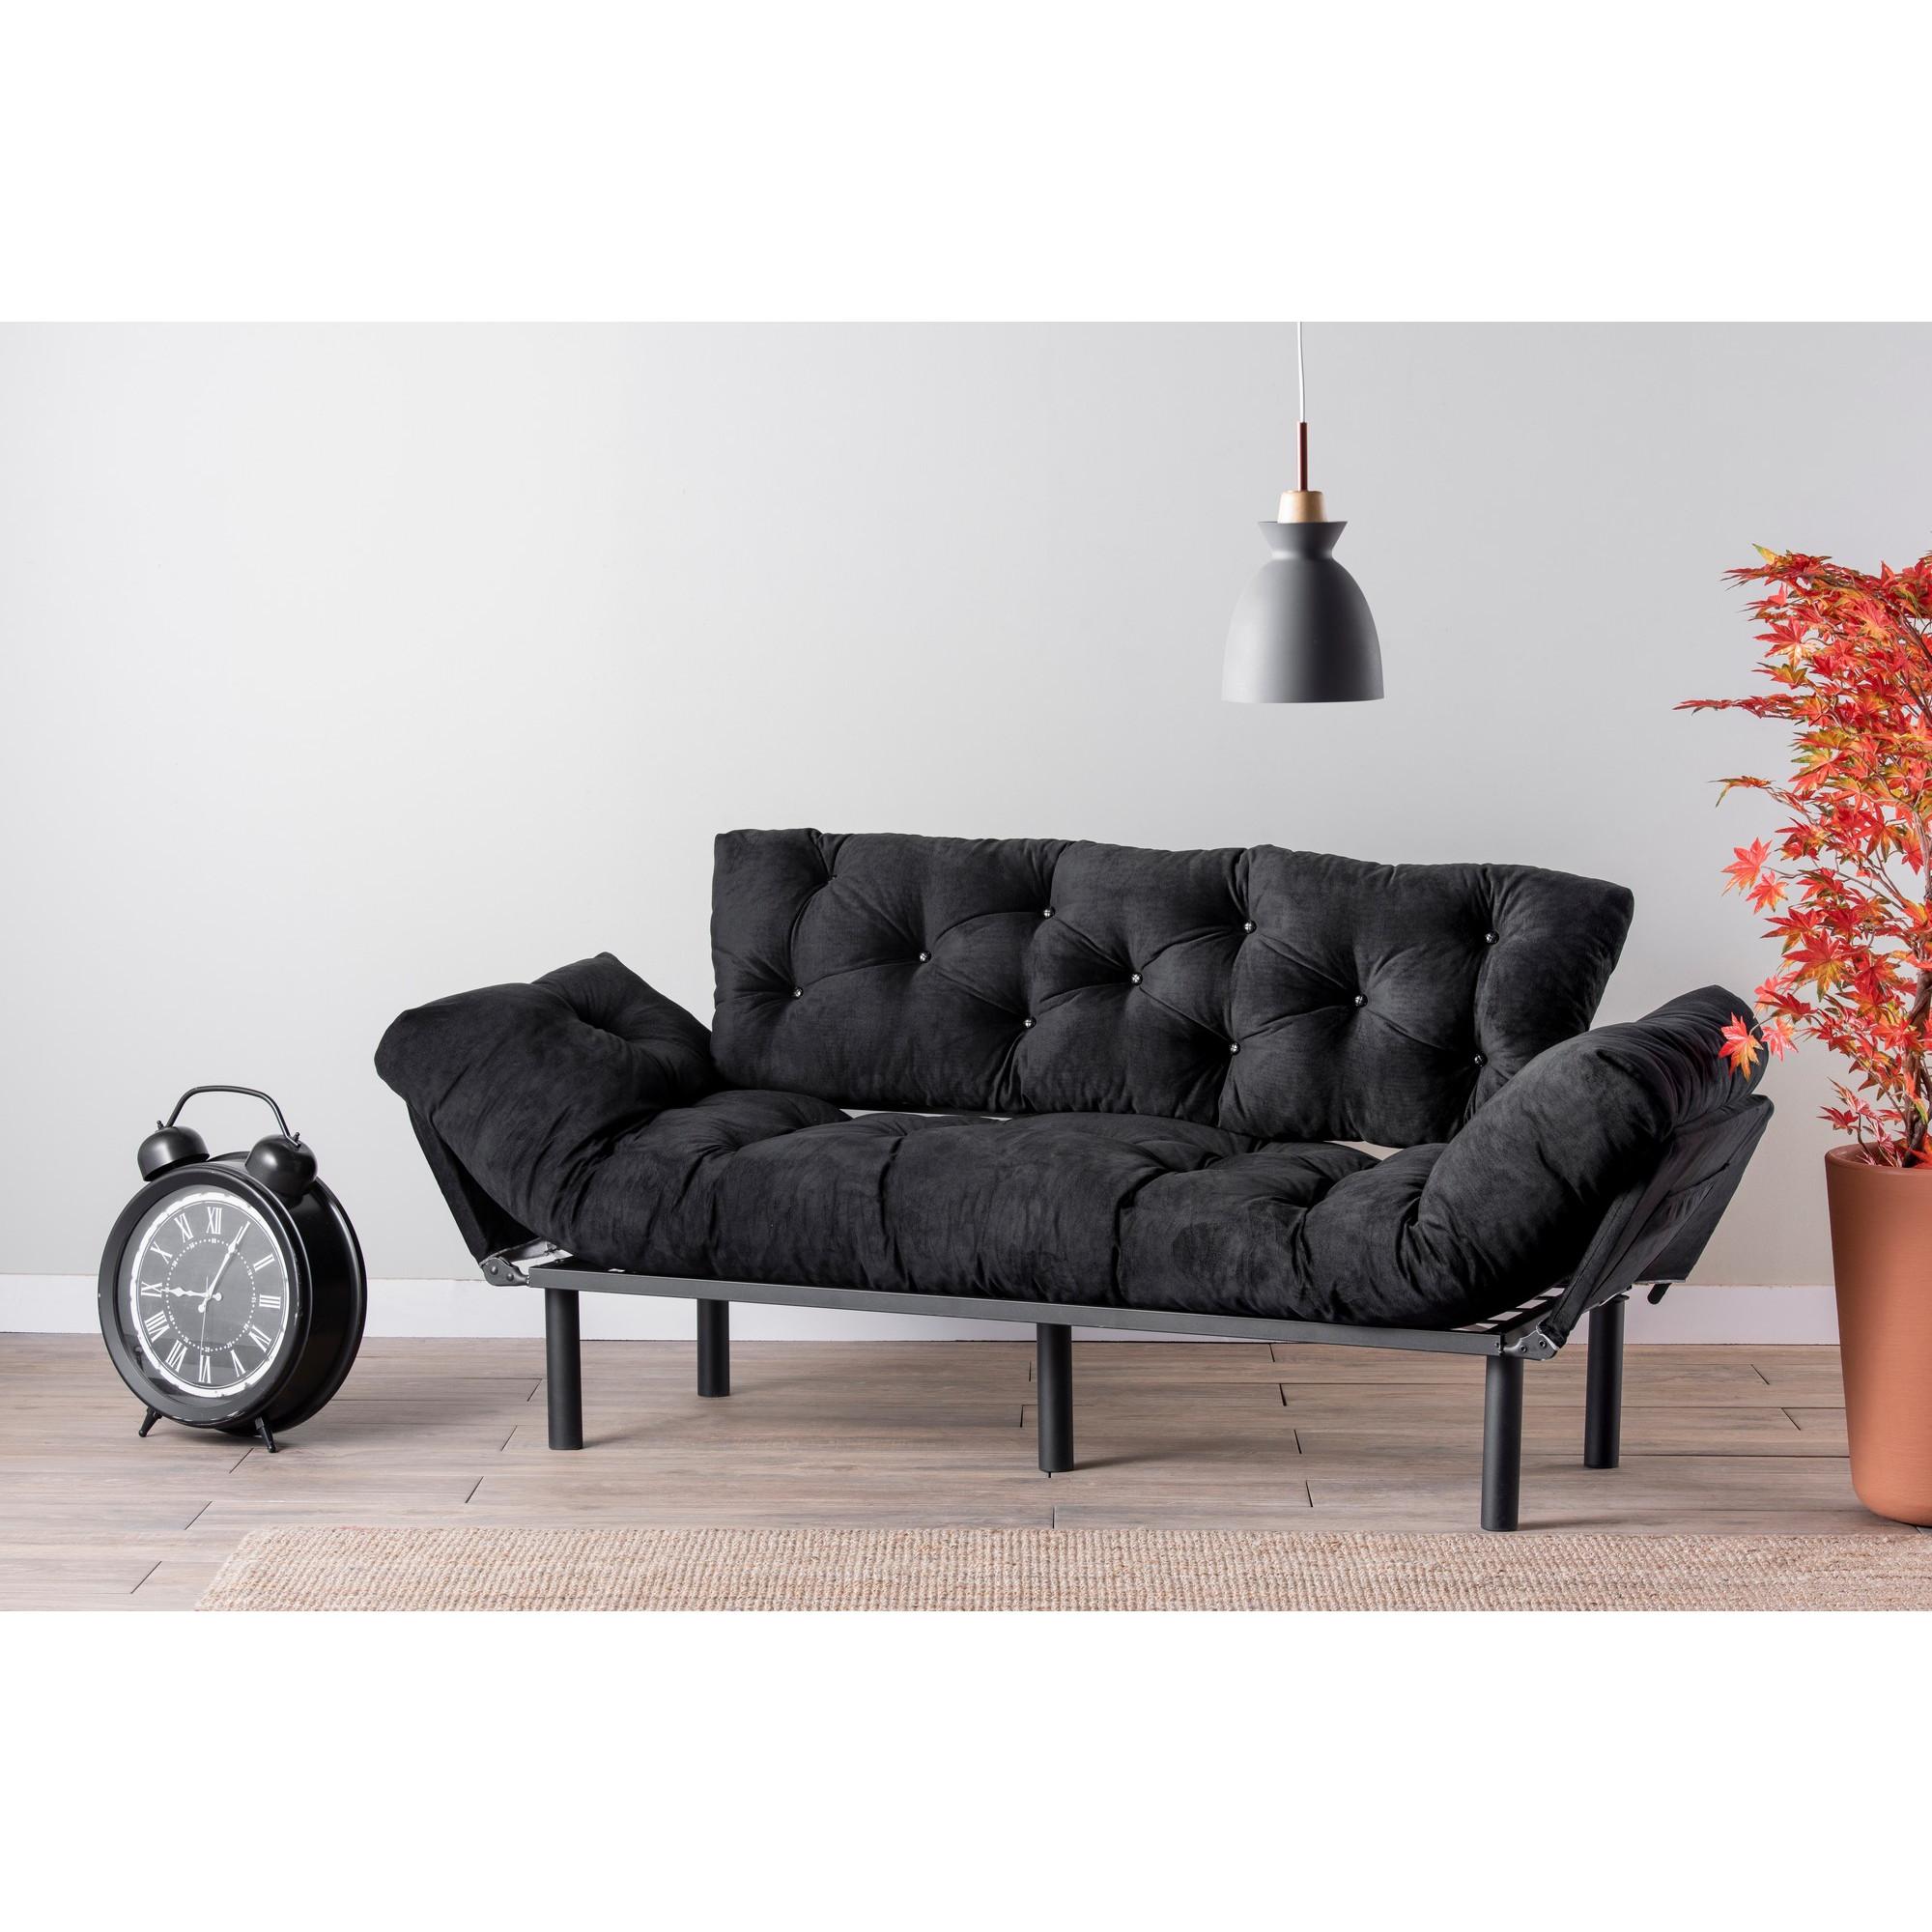 3-Sitz-Sofabett Nitta | Schwarz